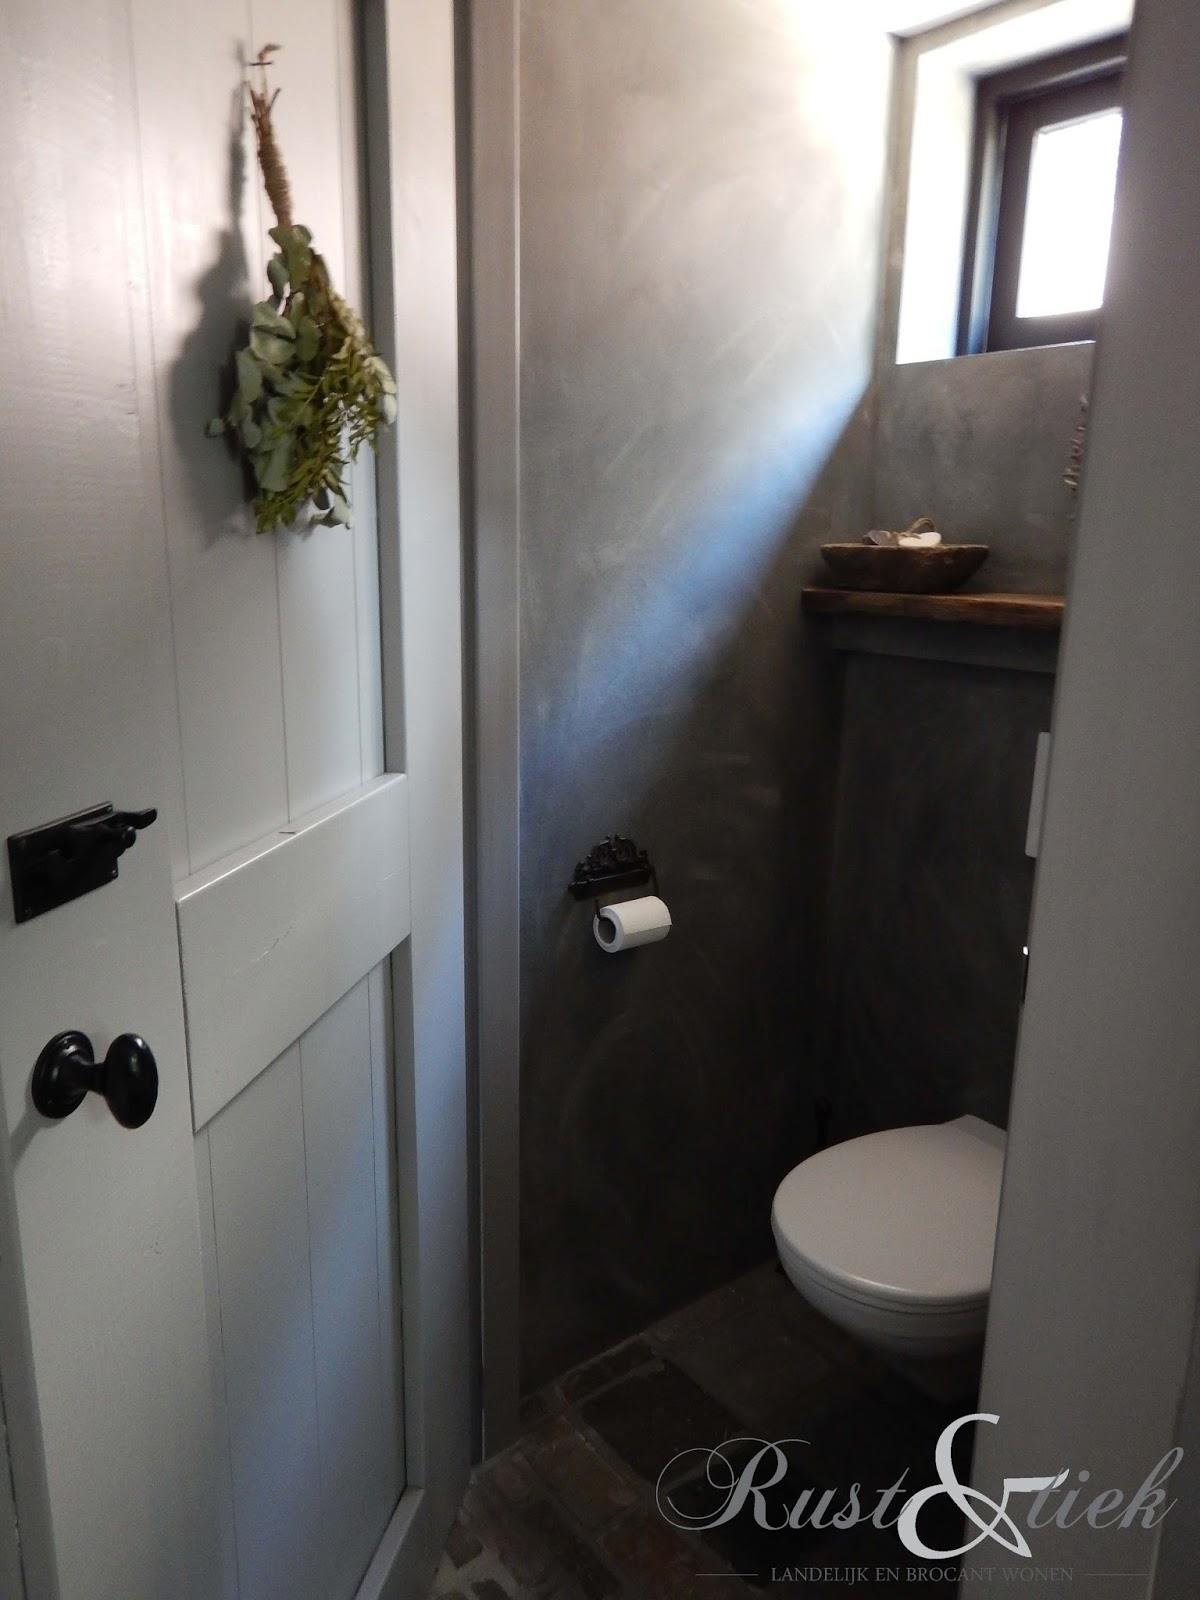 Rust en tiek toilet met betonlook van mia colore - Muur wc ...